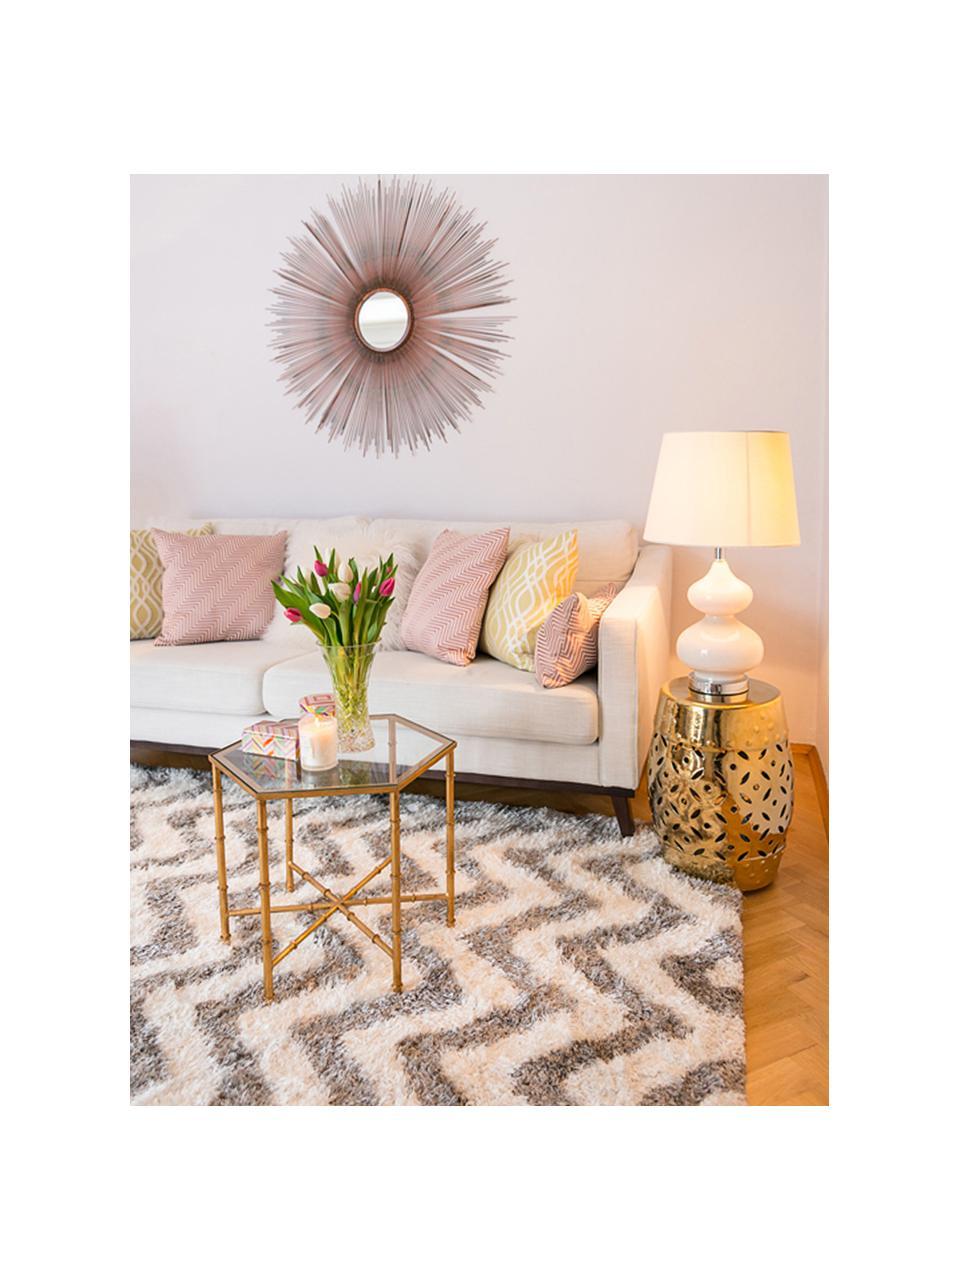 Große Tischlampen Felicitas, 2 Stück, Lampenschirm: Baumwolle, Lampenfuß: Glas, lackiert, Sockel: Metall, Weiß, Ø 35 x H 58 cm